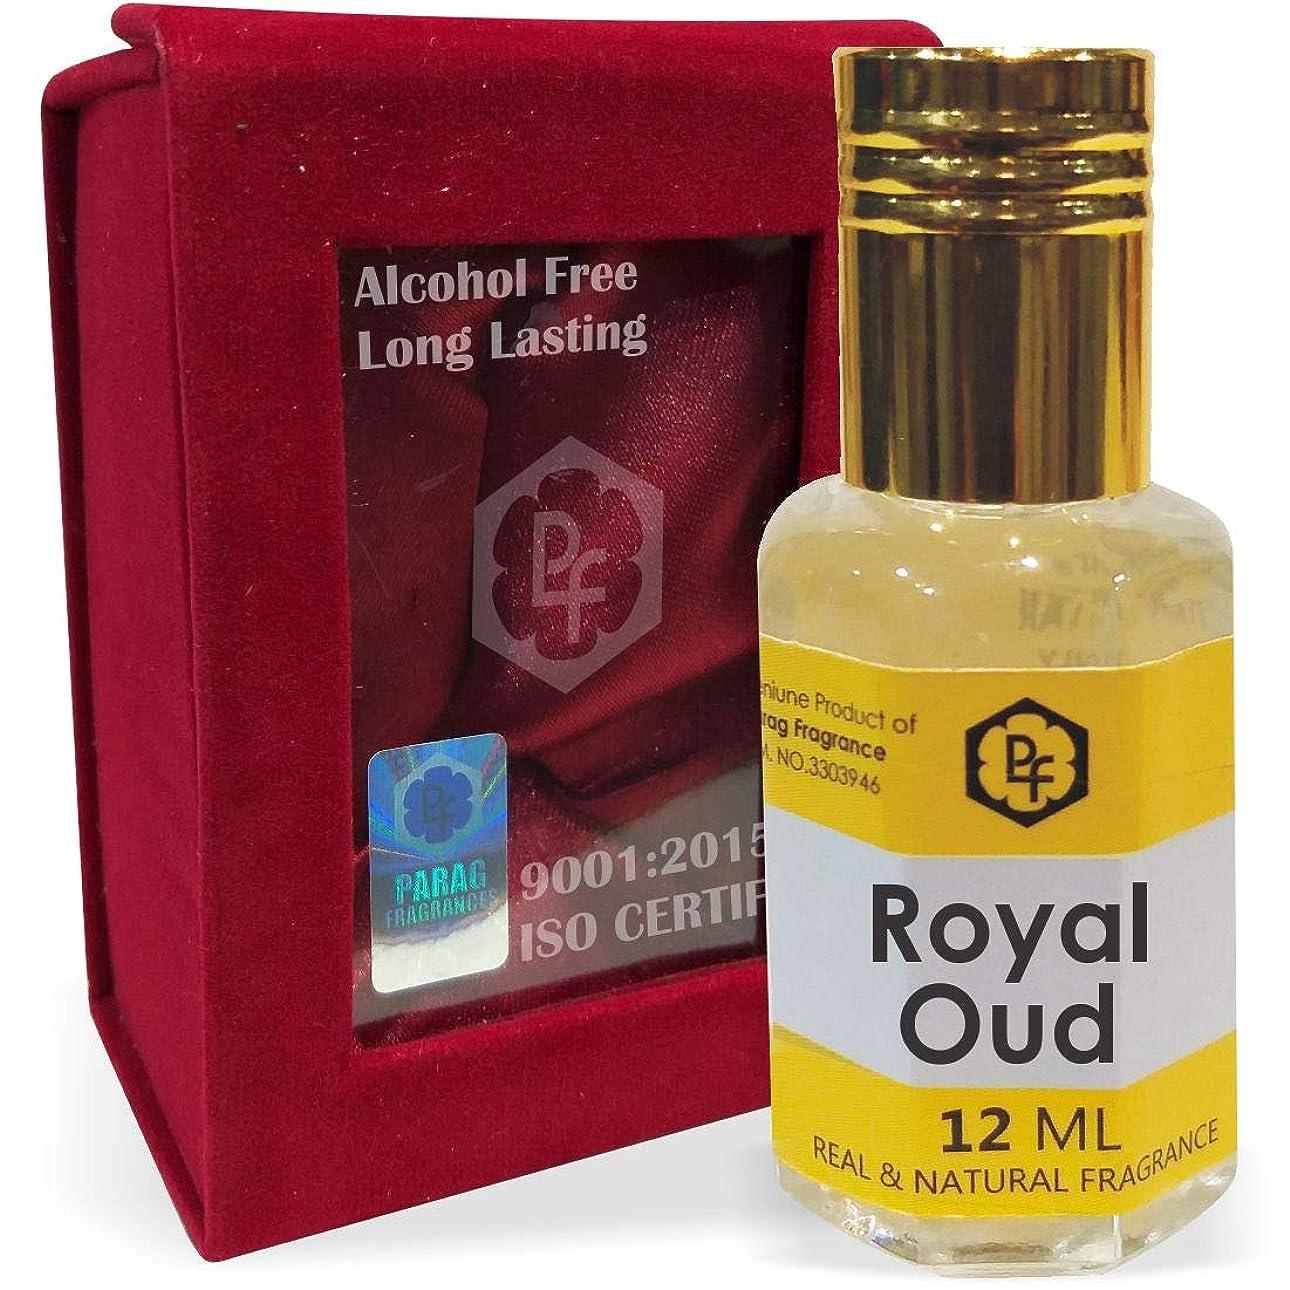 衰える魂魂手作りのベルベットボックスParagフレグランスロイヤルウード12ミリリットルアター/香油/(インドの伝統的なBhapka処理方法により、インド製)フレグランスオイル アターITRA最高の品質長持ち